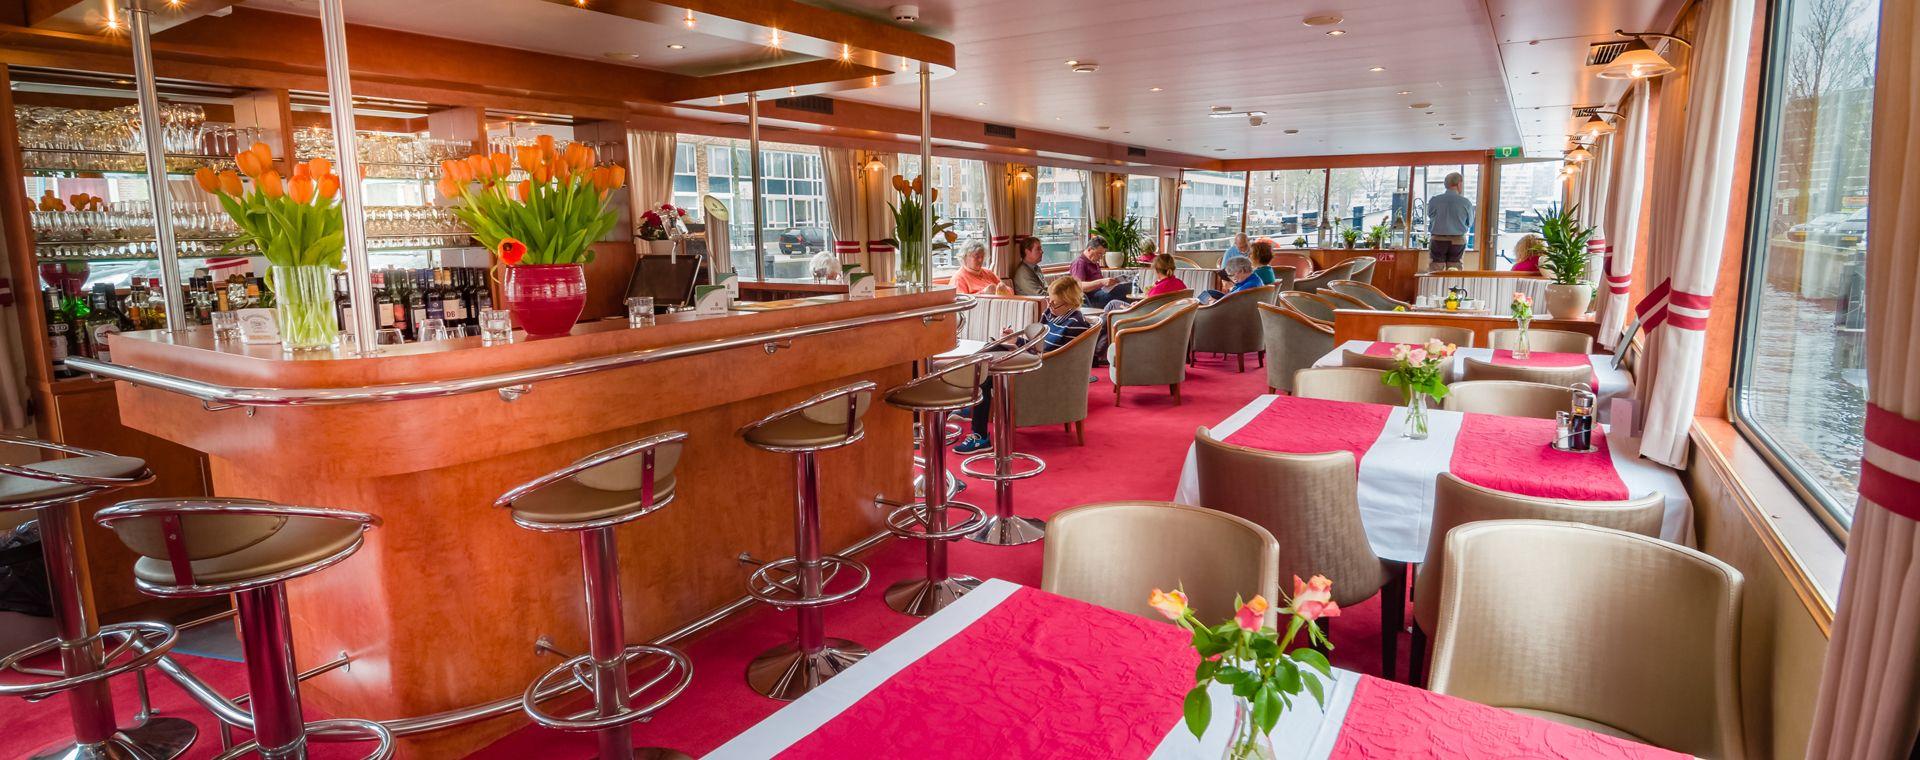 Image D'Amsterdam à Bruges, à bord du Fluvius